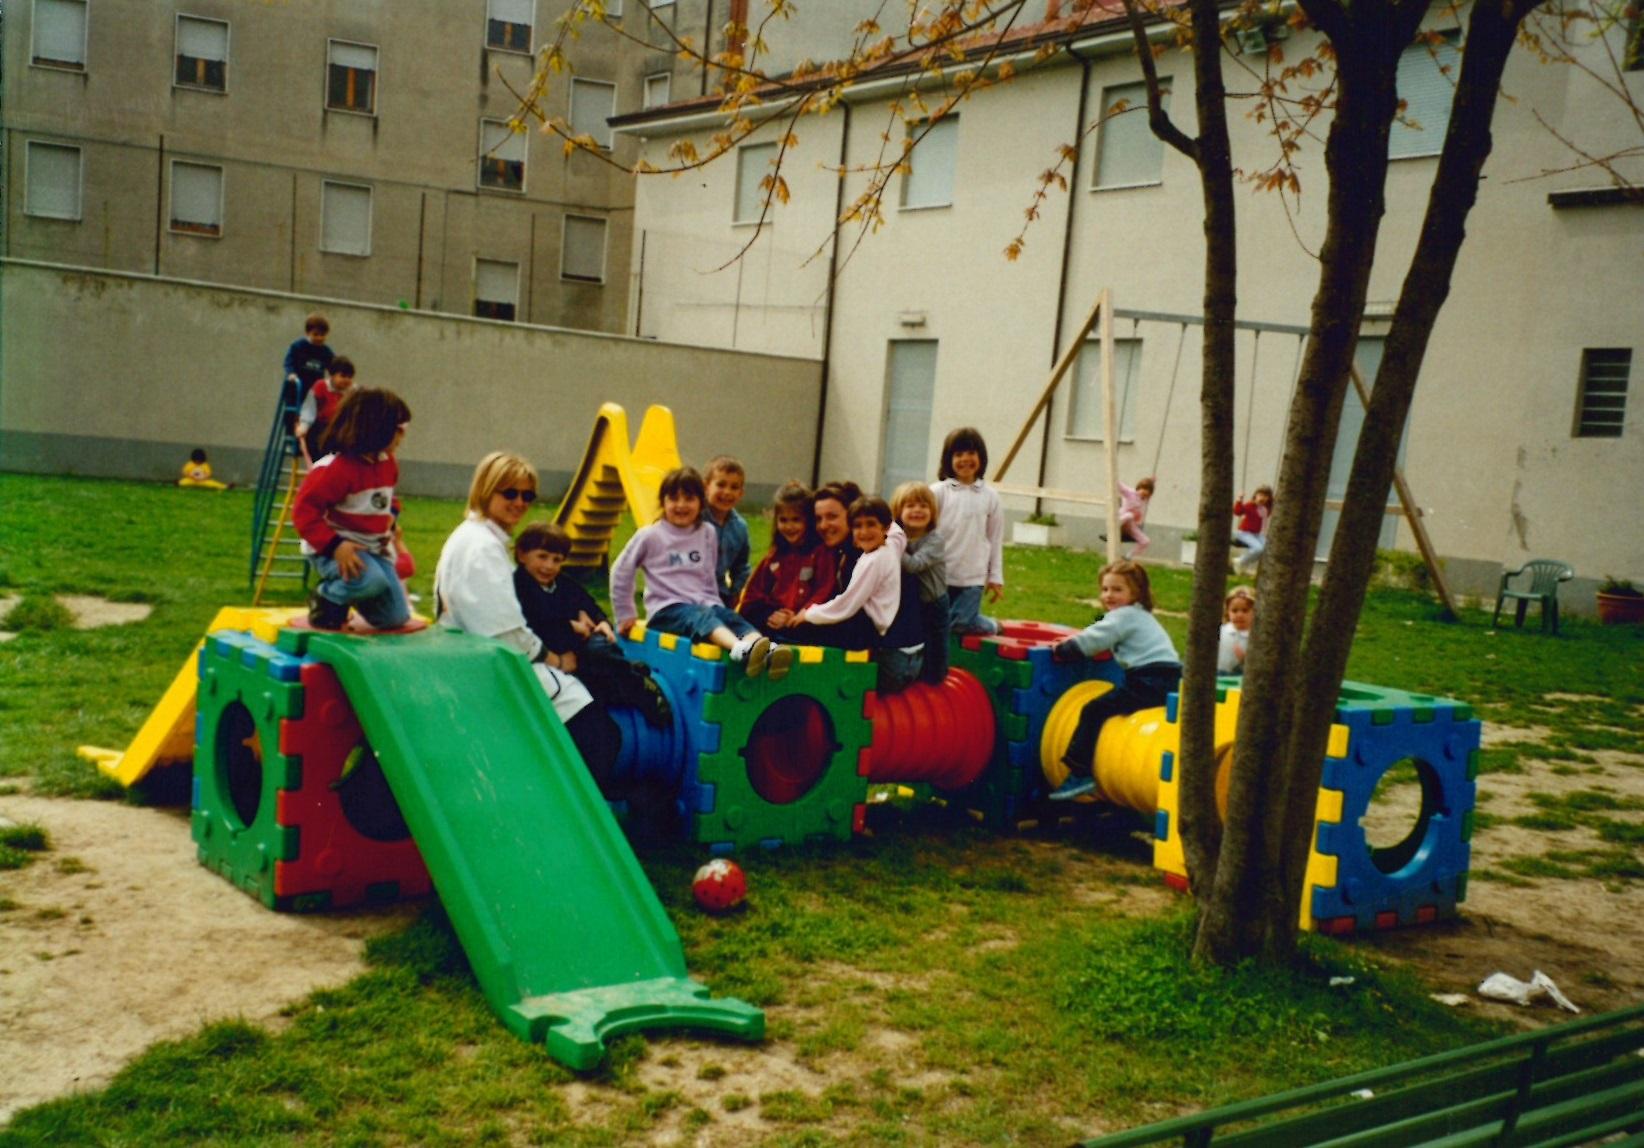 Parco giochi storiche7